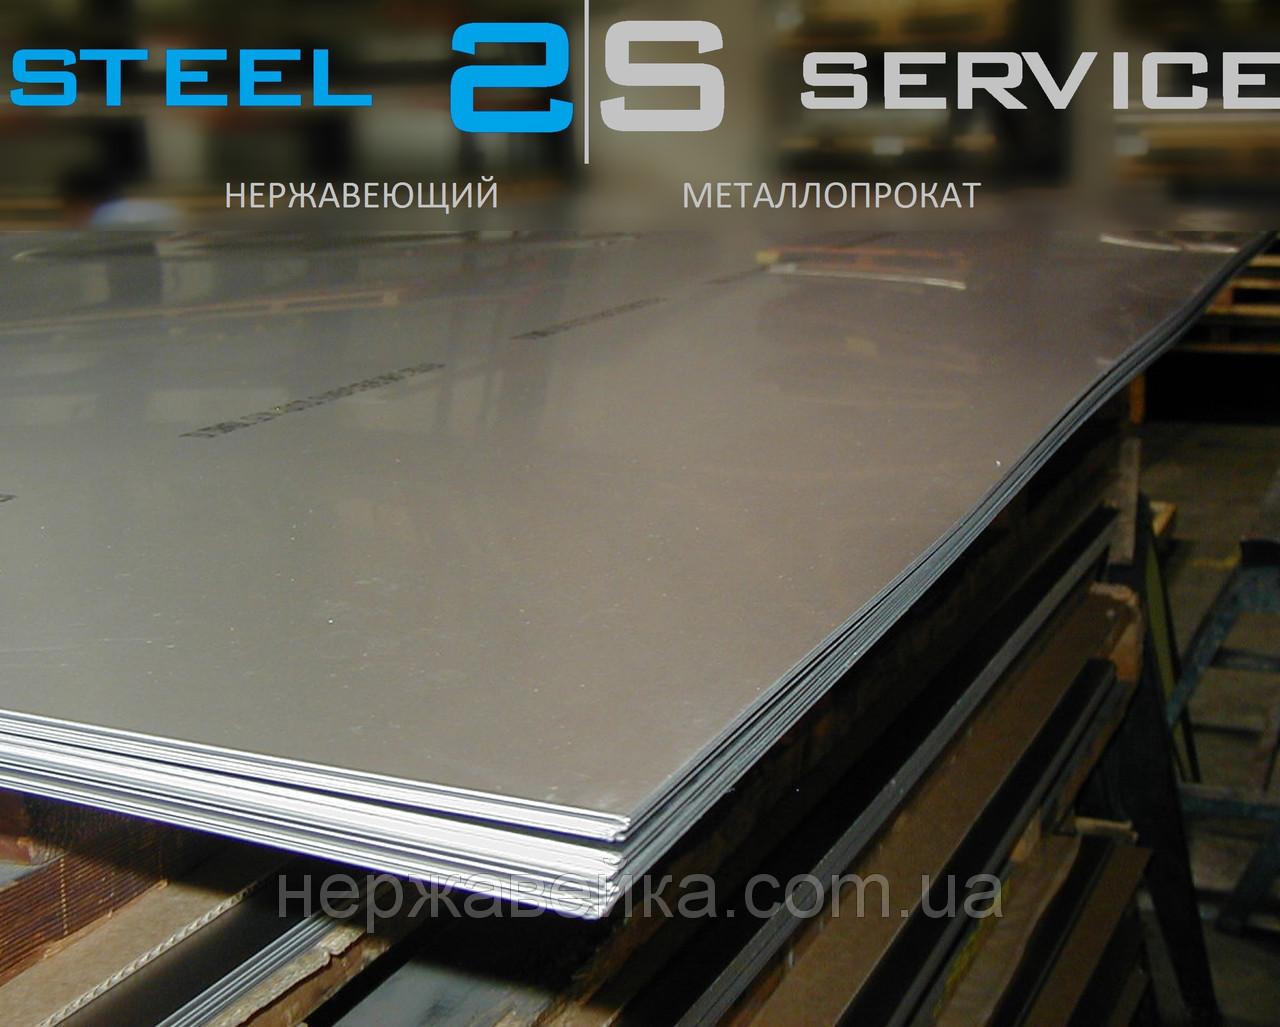 Нержавеющий лист 6х1500х3000мм AISI 409(08Х13) F1 - горячекатанный, технический